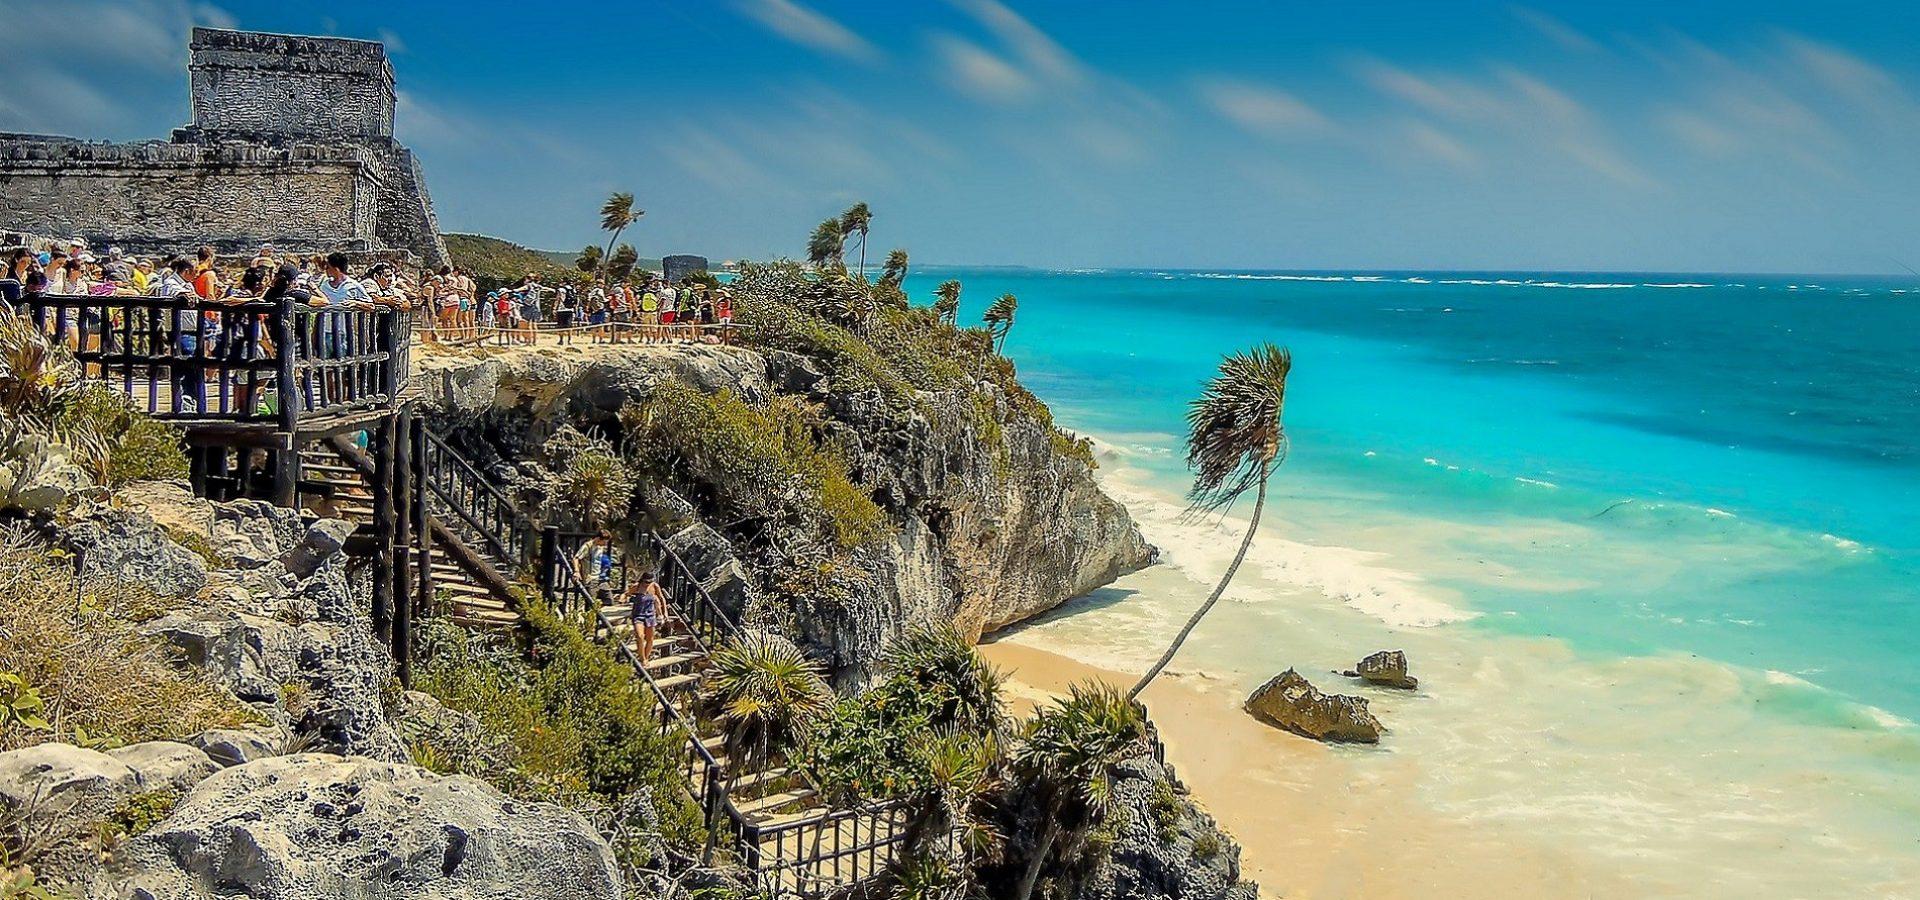 Spektakularna obala Tulum savršena je destinacija tijekom putovanja u Mesiko.